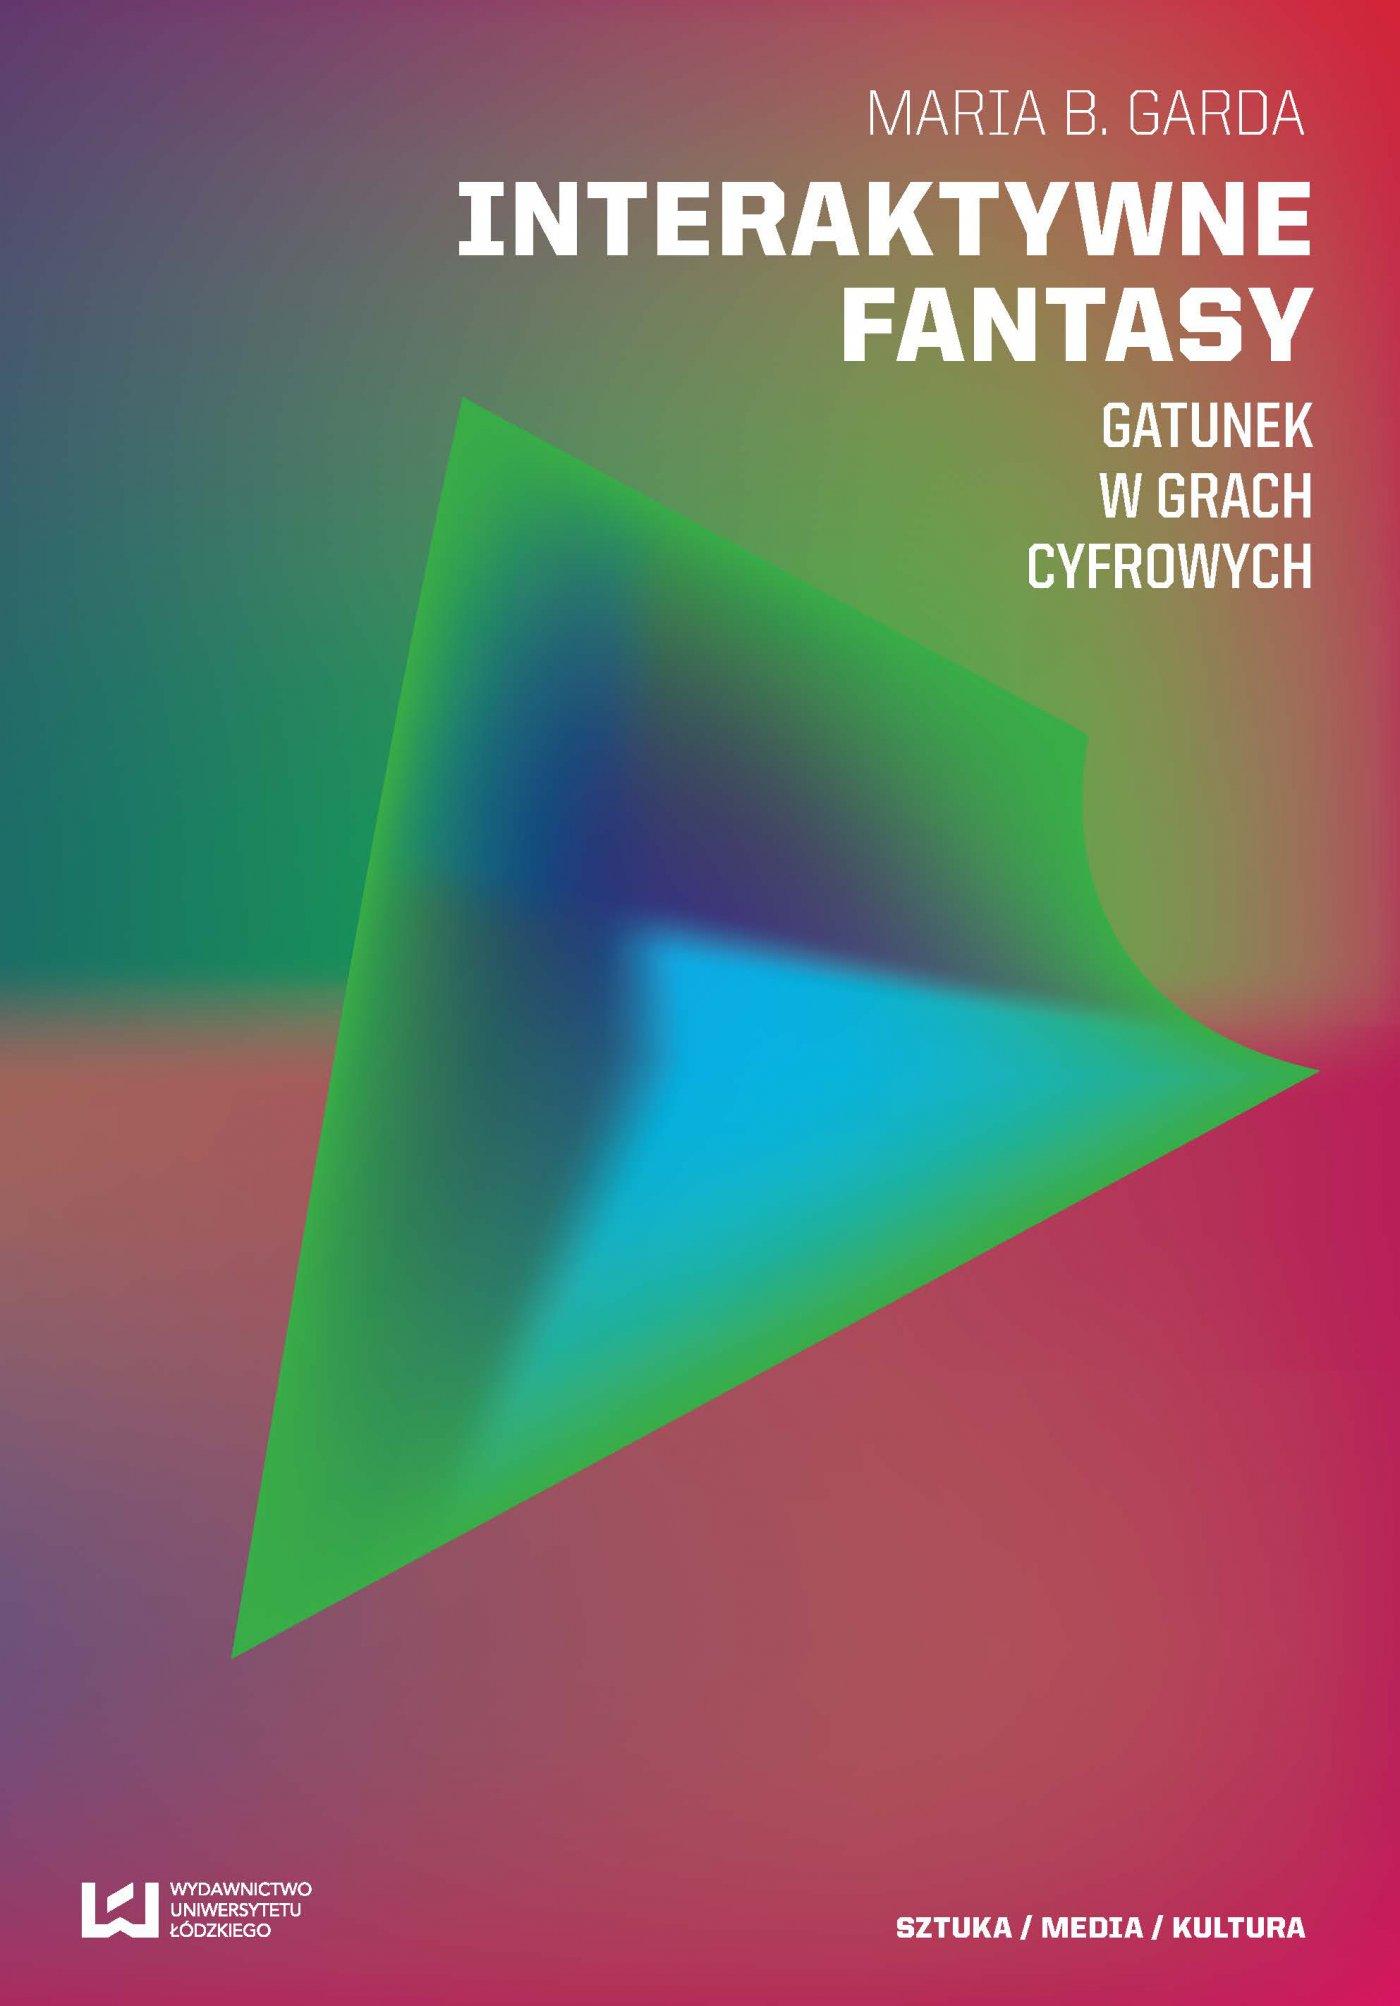 Interaktywne fantasy. Gatunek w grach cyfrowych - Ebook (Książka EPUB) do pobrania w formacie EPUB